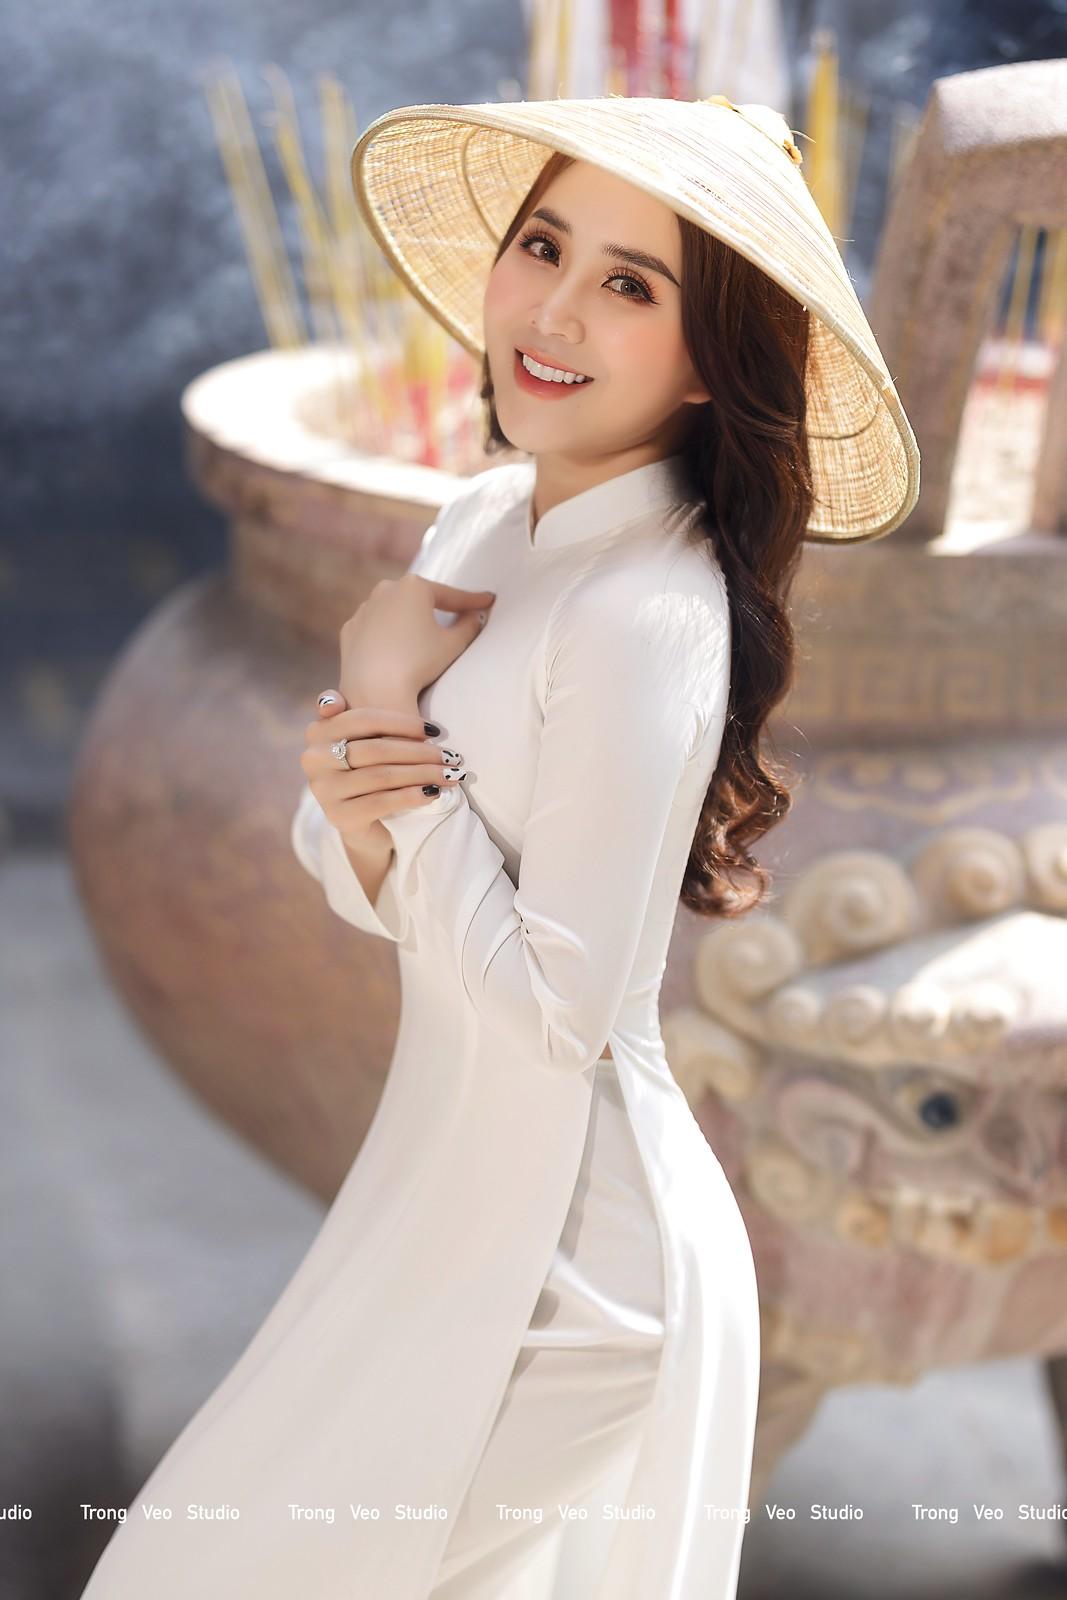 Ngắm hot girl Lục Anh xinh đẹp như hoa không sao tả xiết trong tà áo dài truyền thống - 13